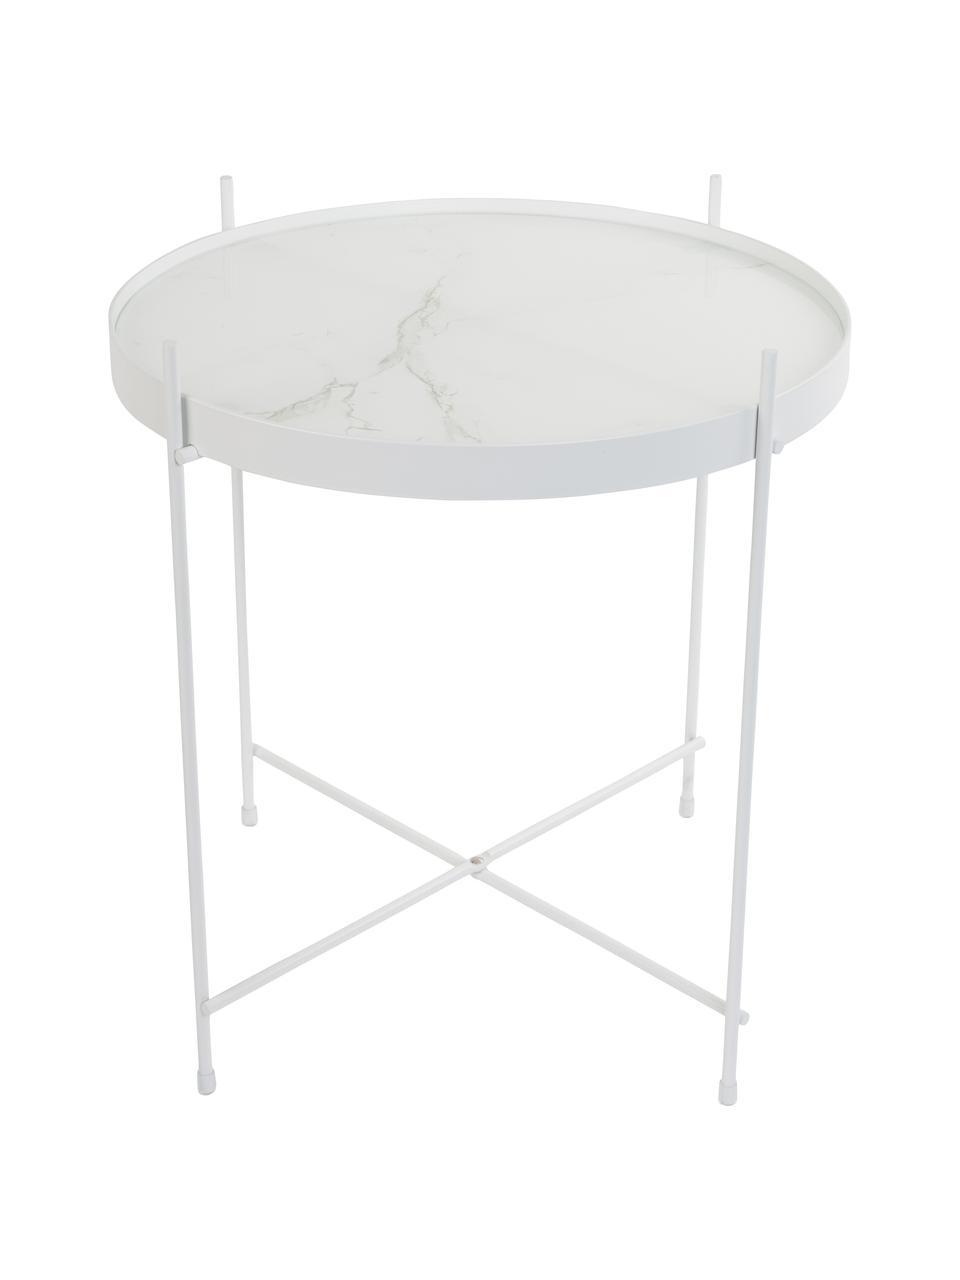 Tablett-Tisch Cupid mit Glasplatte, Gestell: Eisen, pulverbeschichtet, Tischplatte: Glasplatte mit Folie in M, Weiß, Ø 43 x H 45 cm